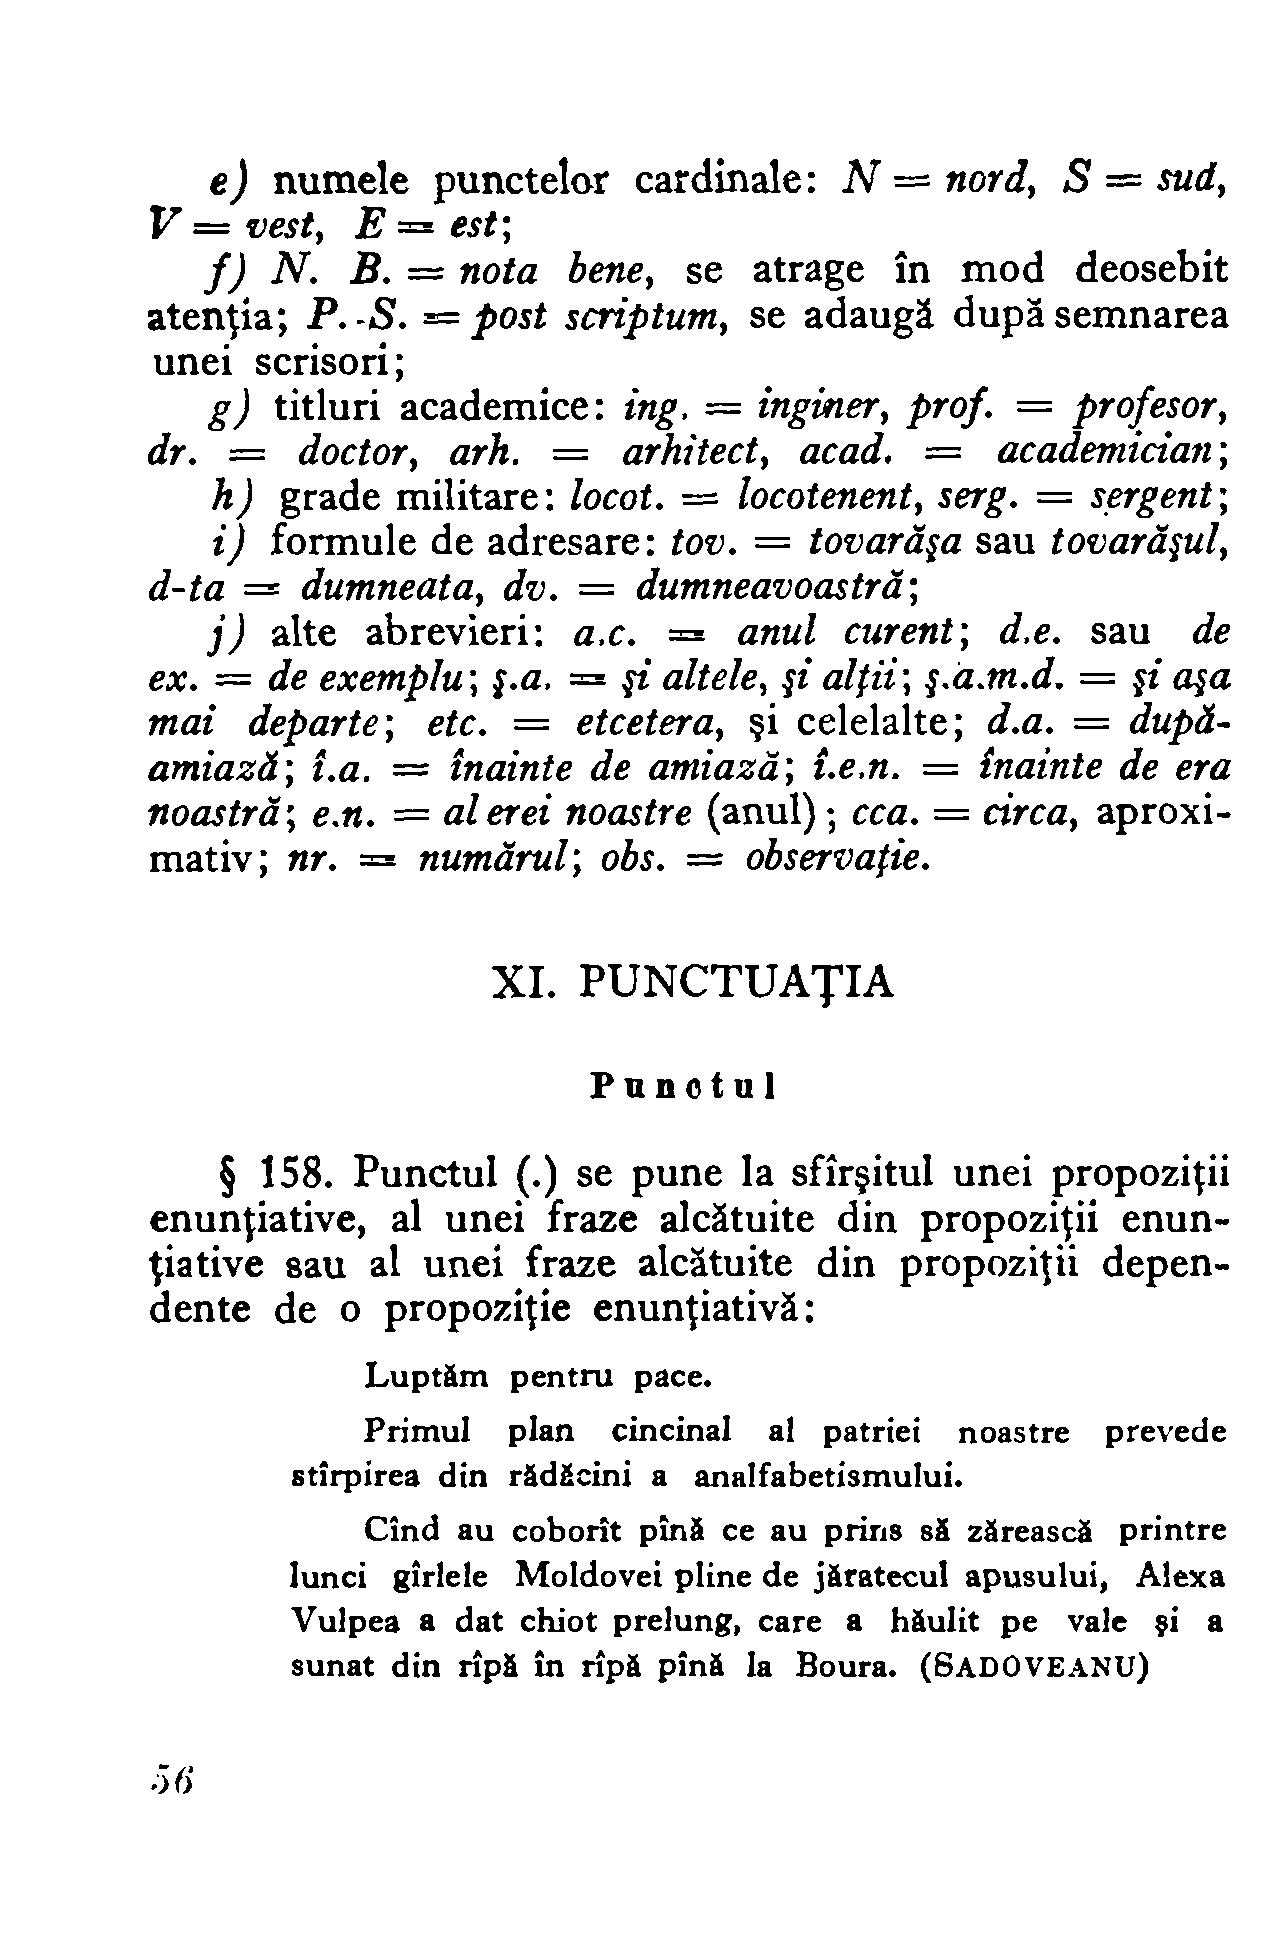 1954 - Mic dicționar ortografic (54).png